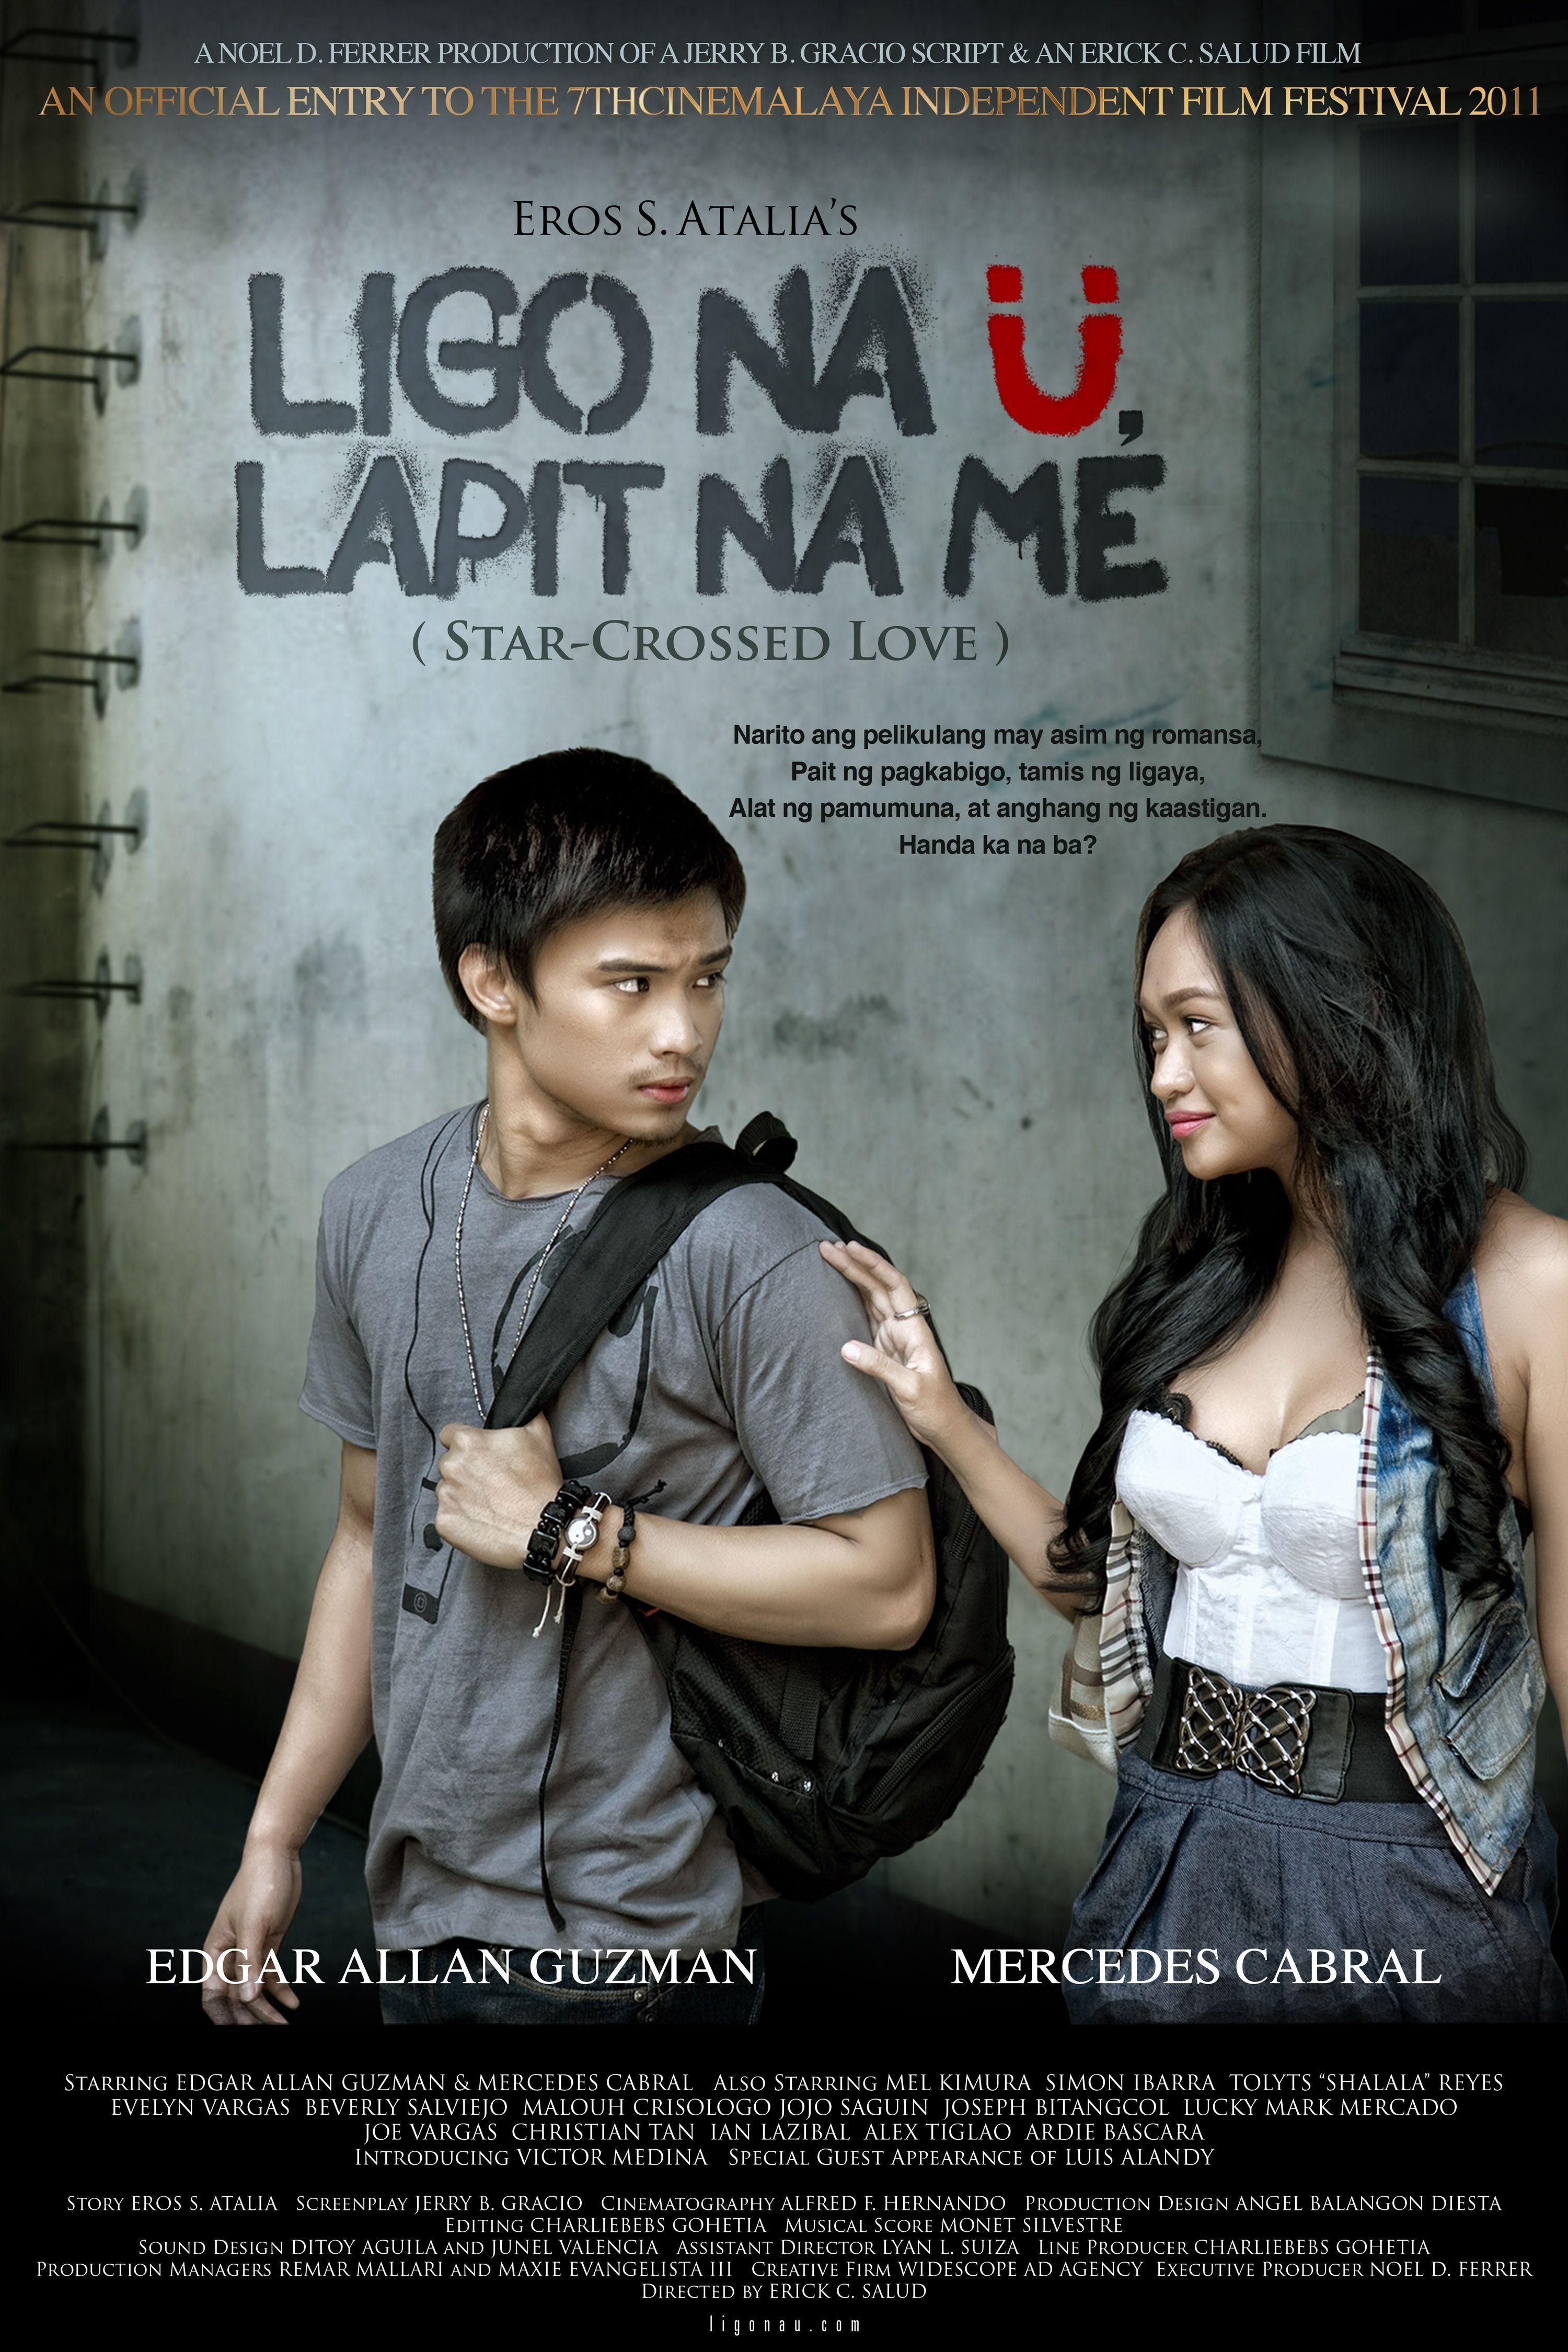 Ligo na u lapit na me 2011 philippinefilm asianfilm